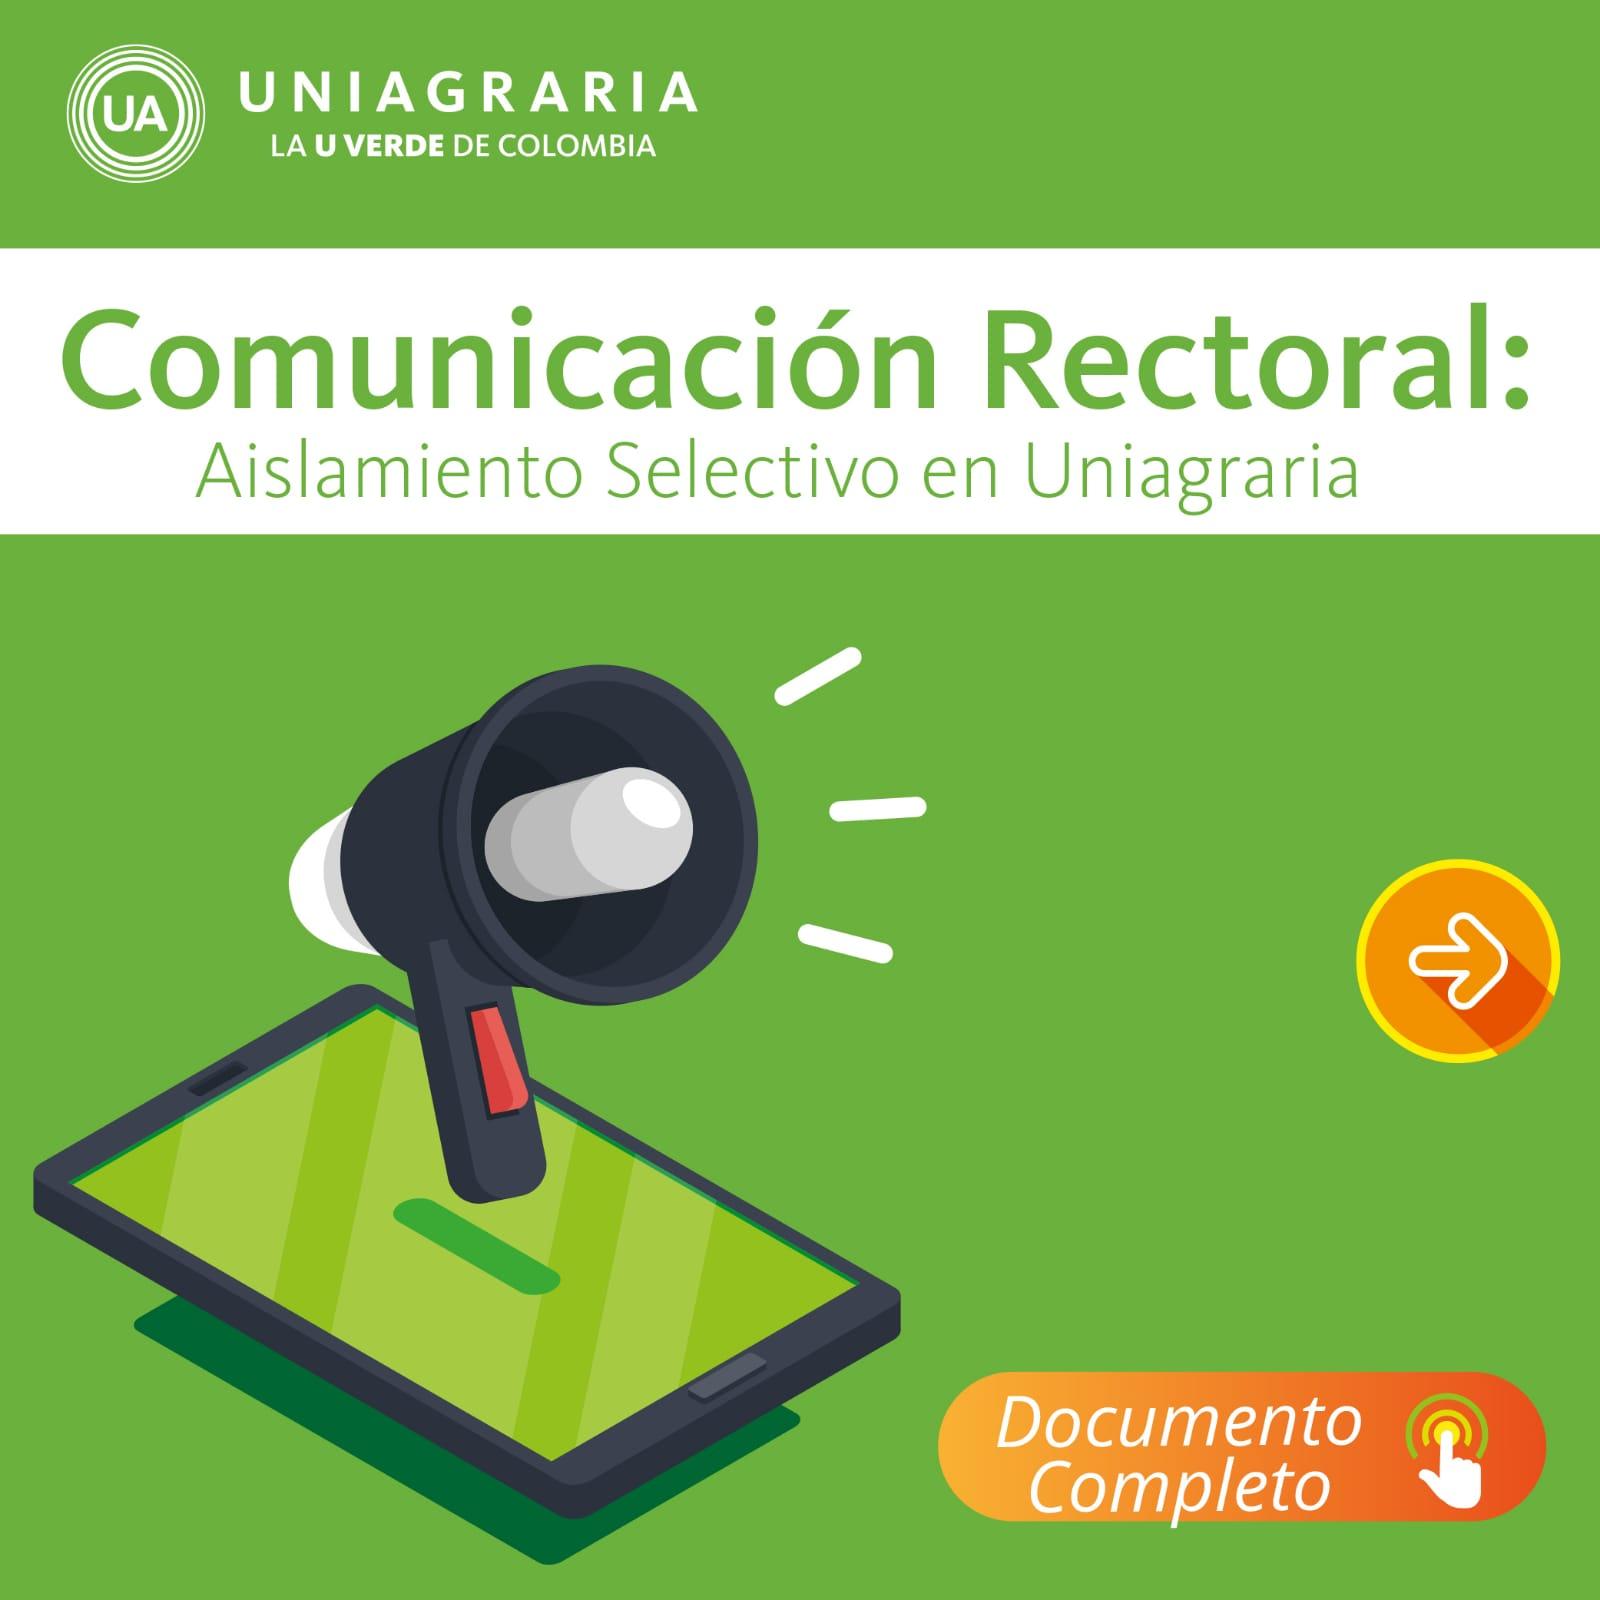 Comunicación Rectoral: Aislamiento selectivo en Uniagraria